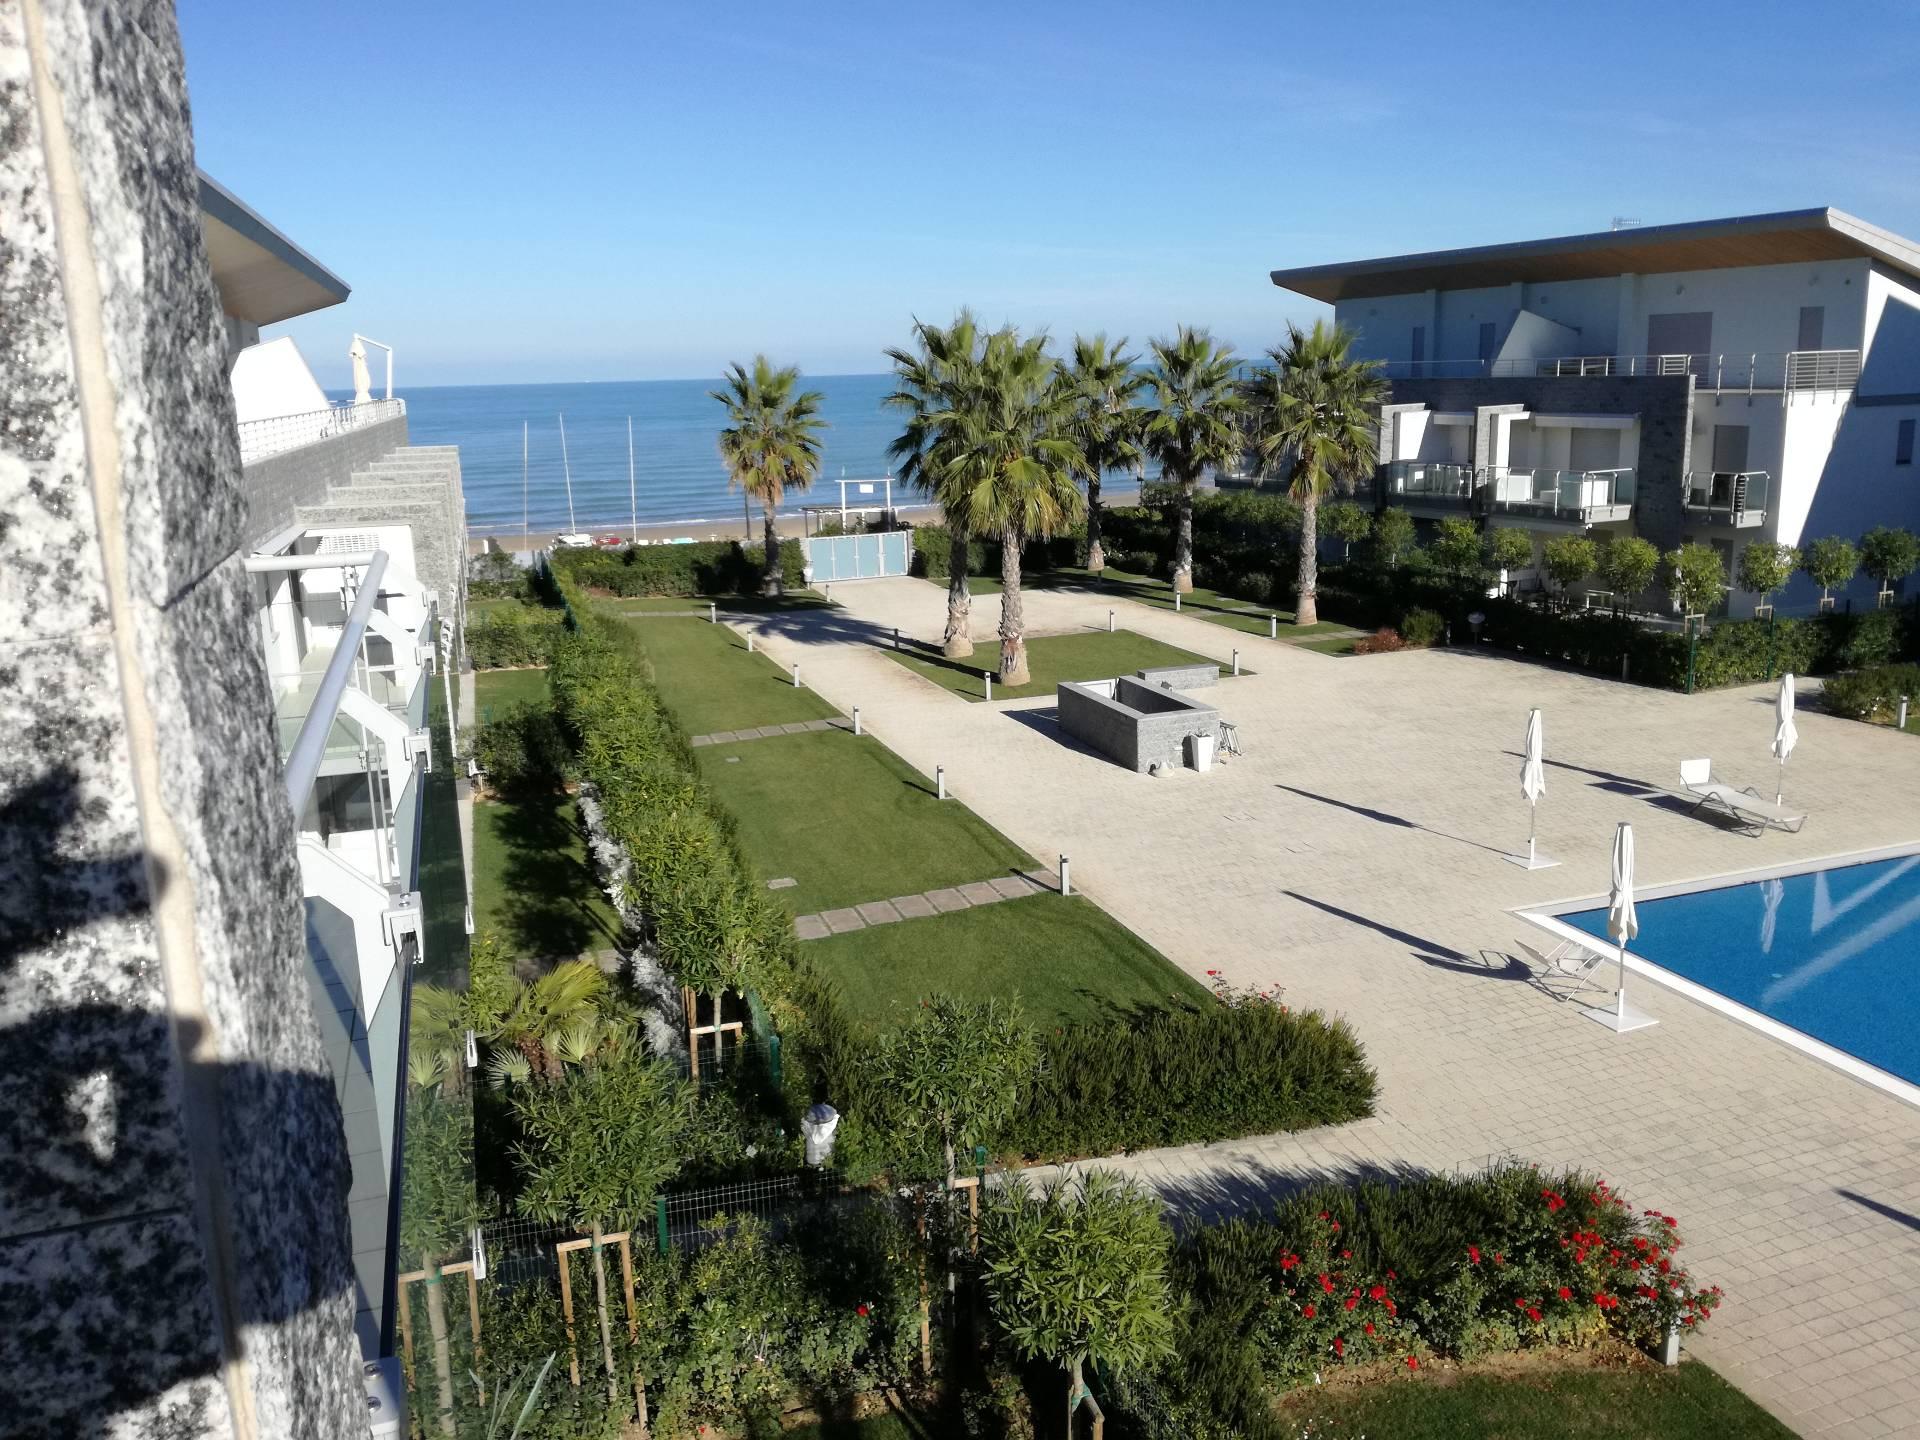 Appartamento in vendita a Silvi, 3 locali, zona Località: SilviMarina, prezzo € 230.000 | Cambio Casa.it